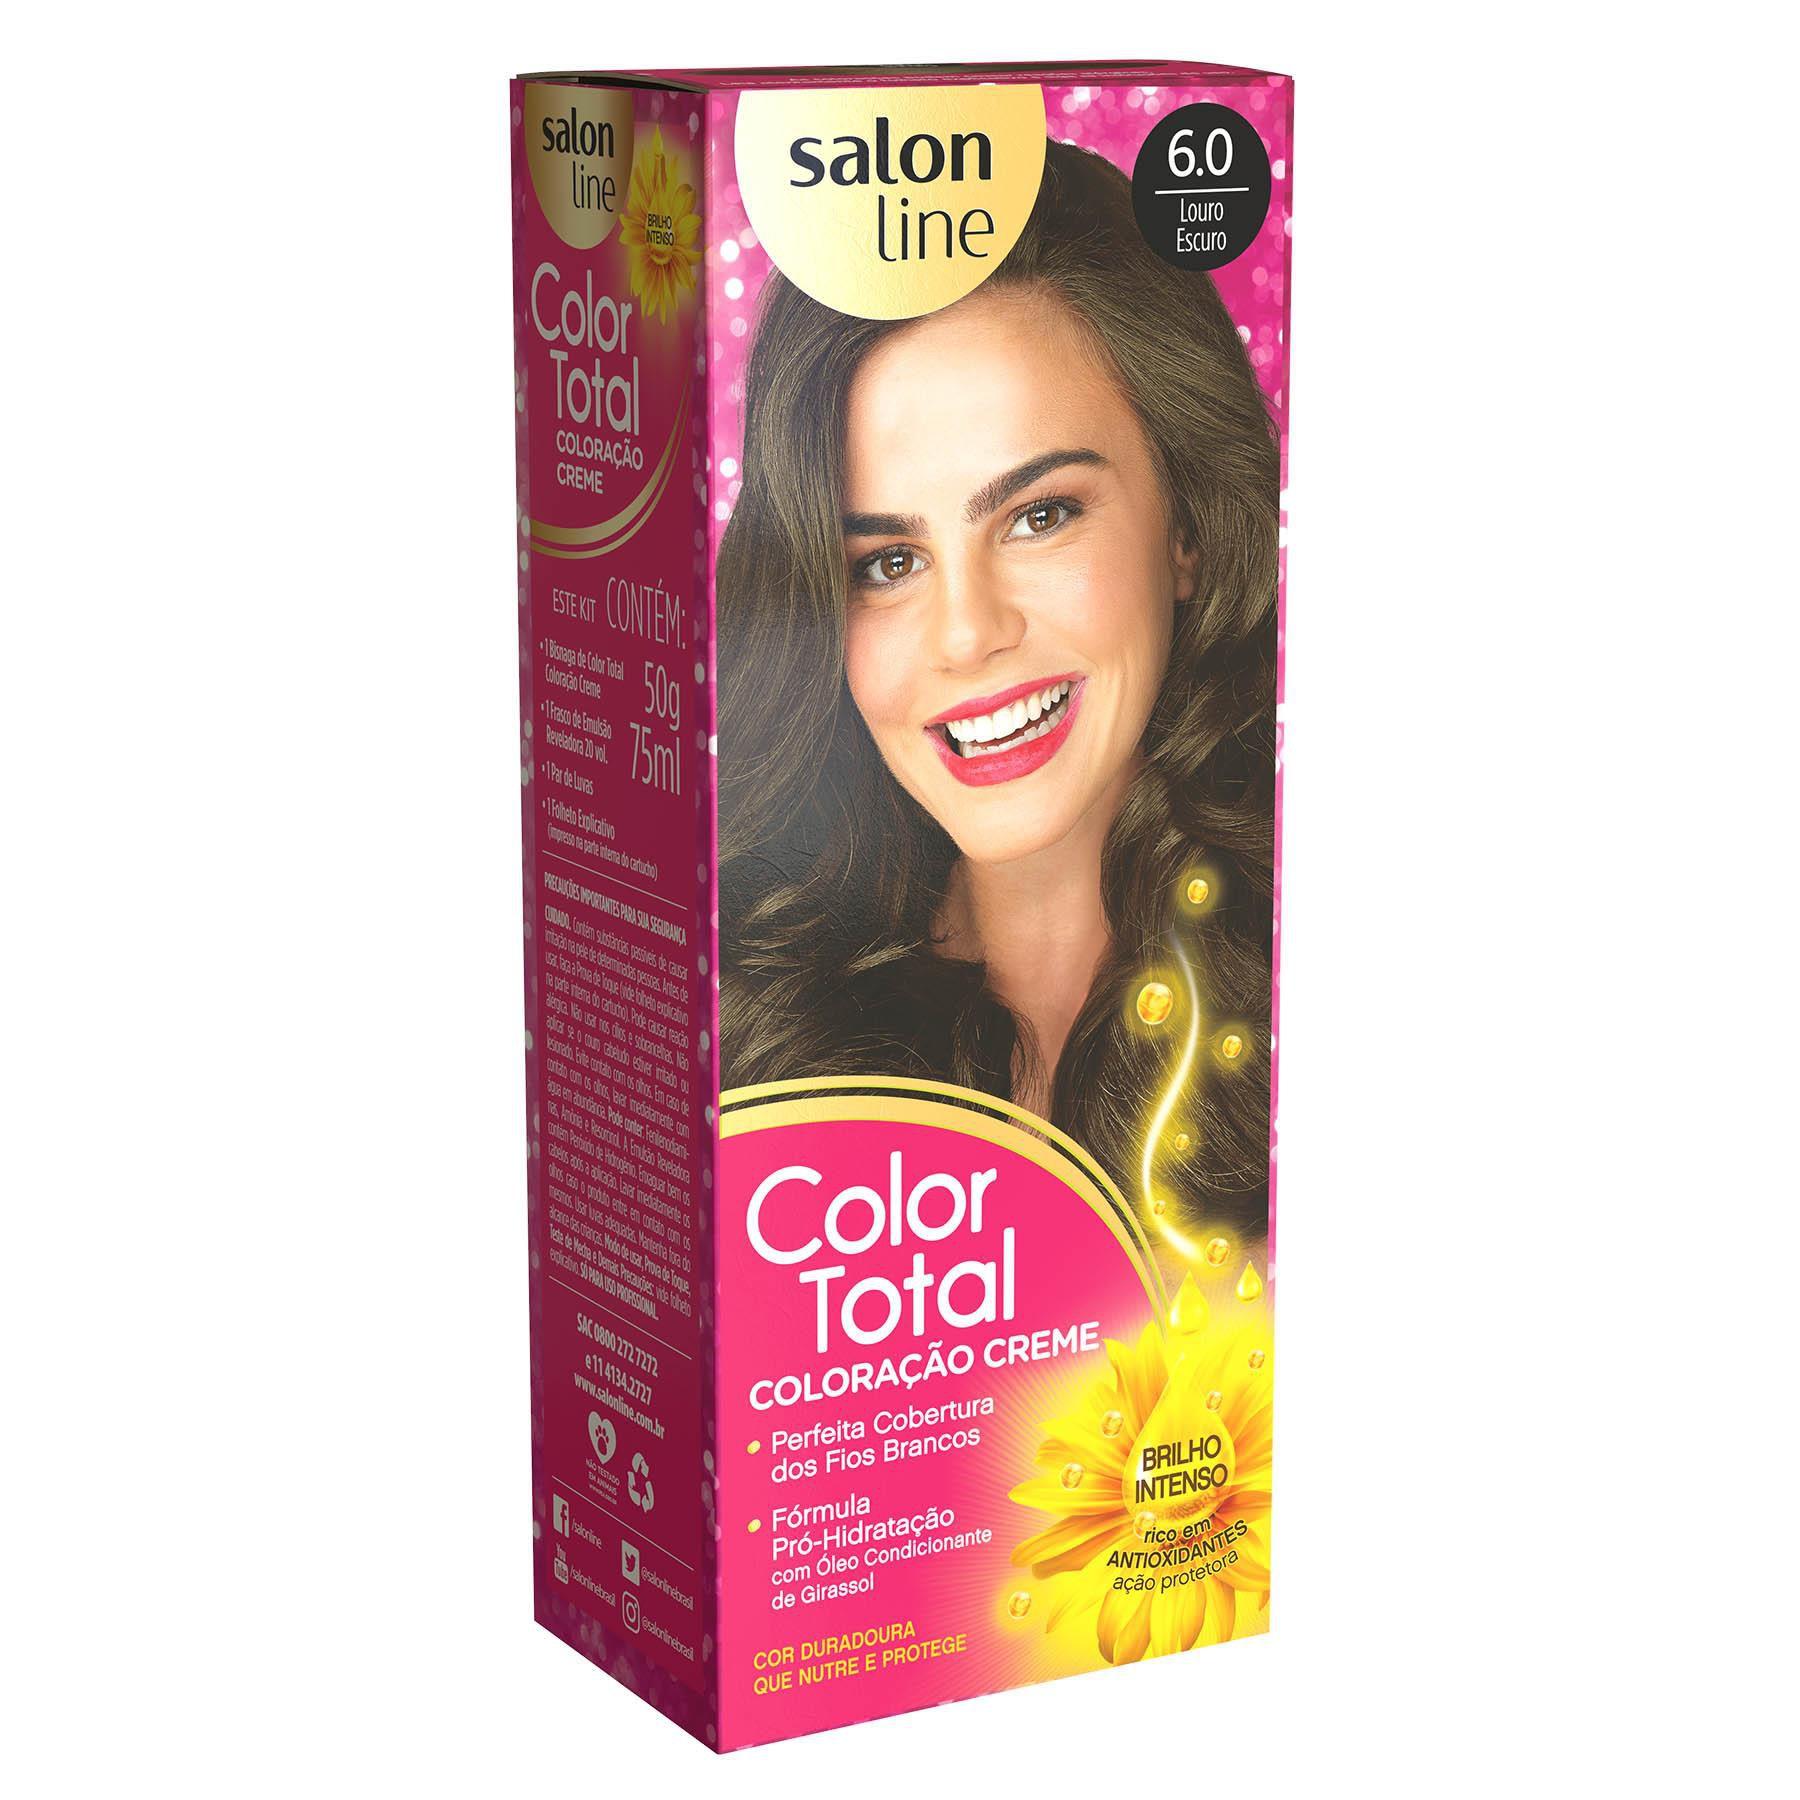 Salon Line Coloração Color Total 6.0 Louro Escuro